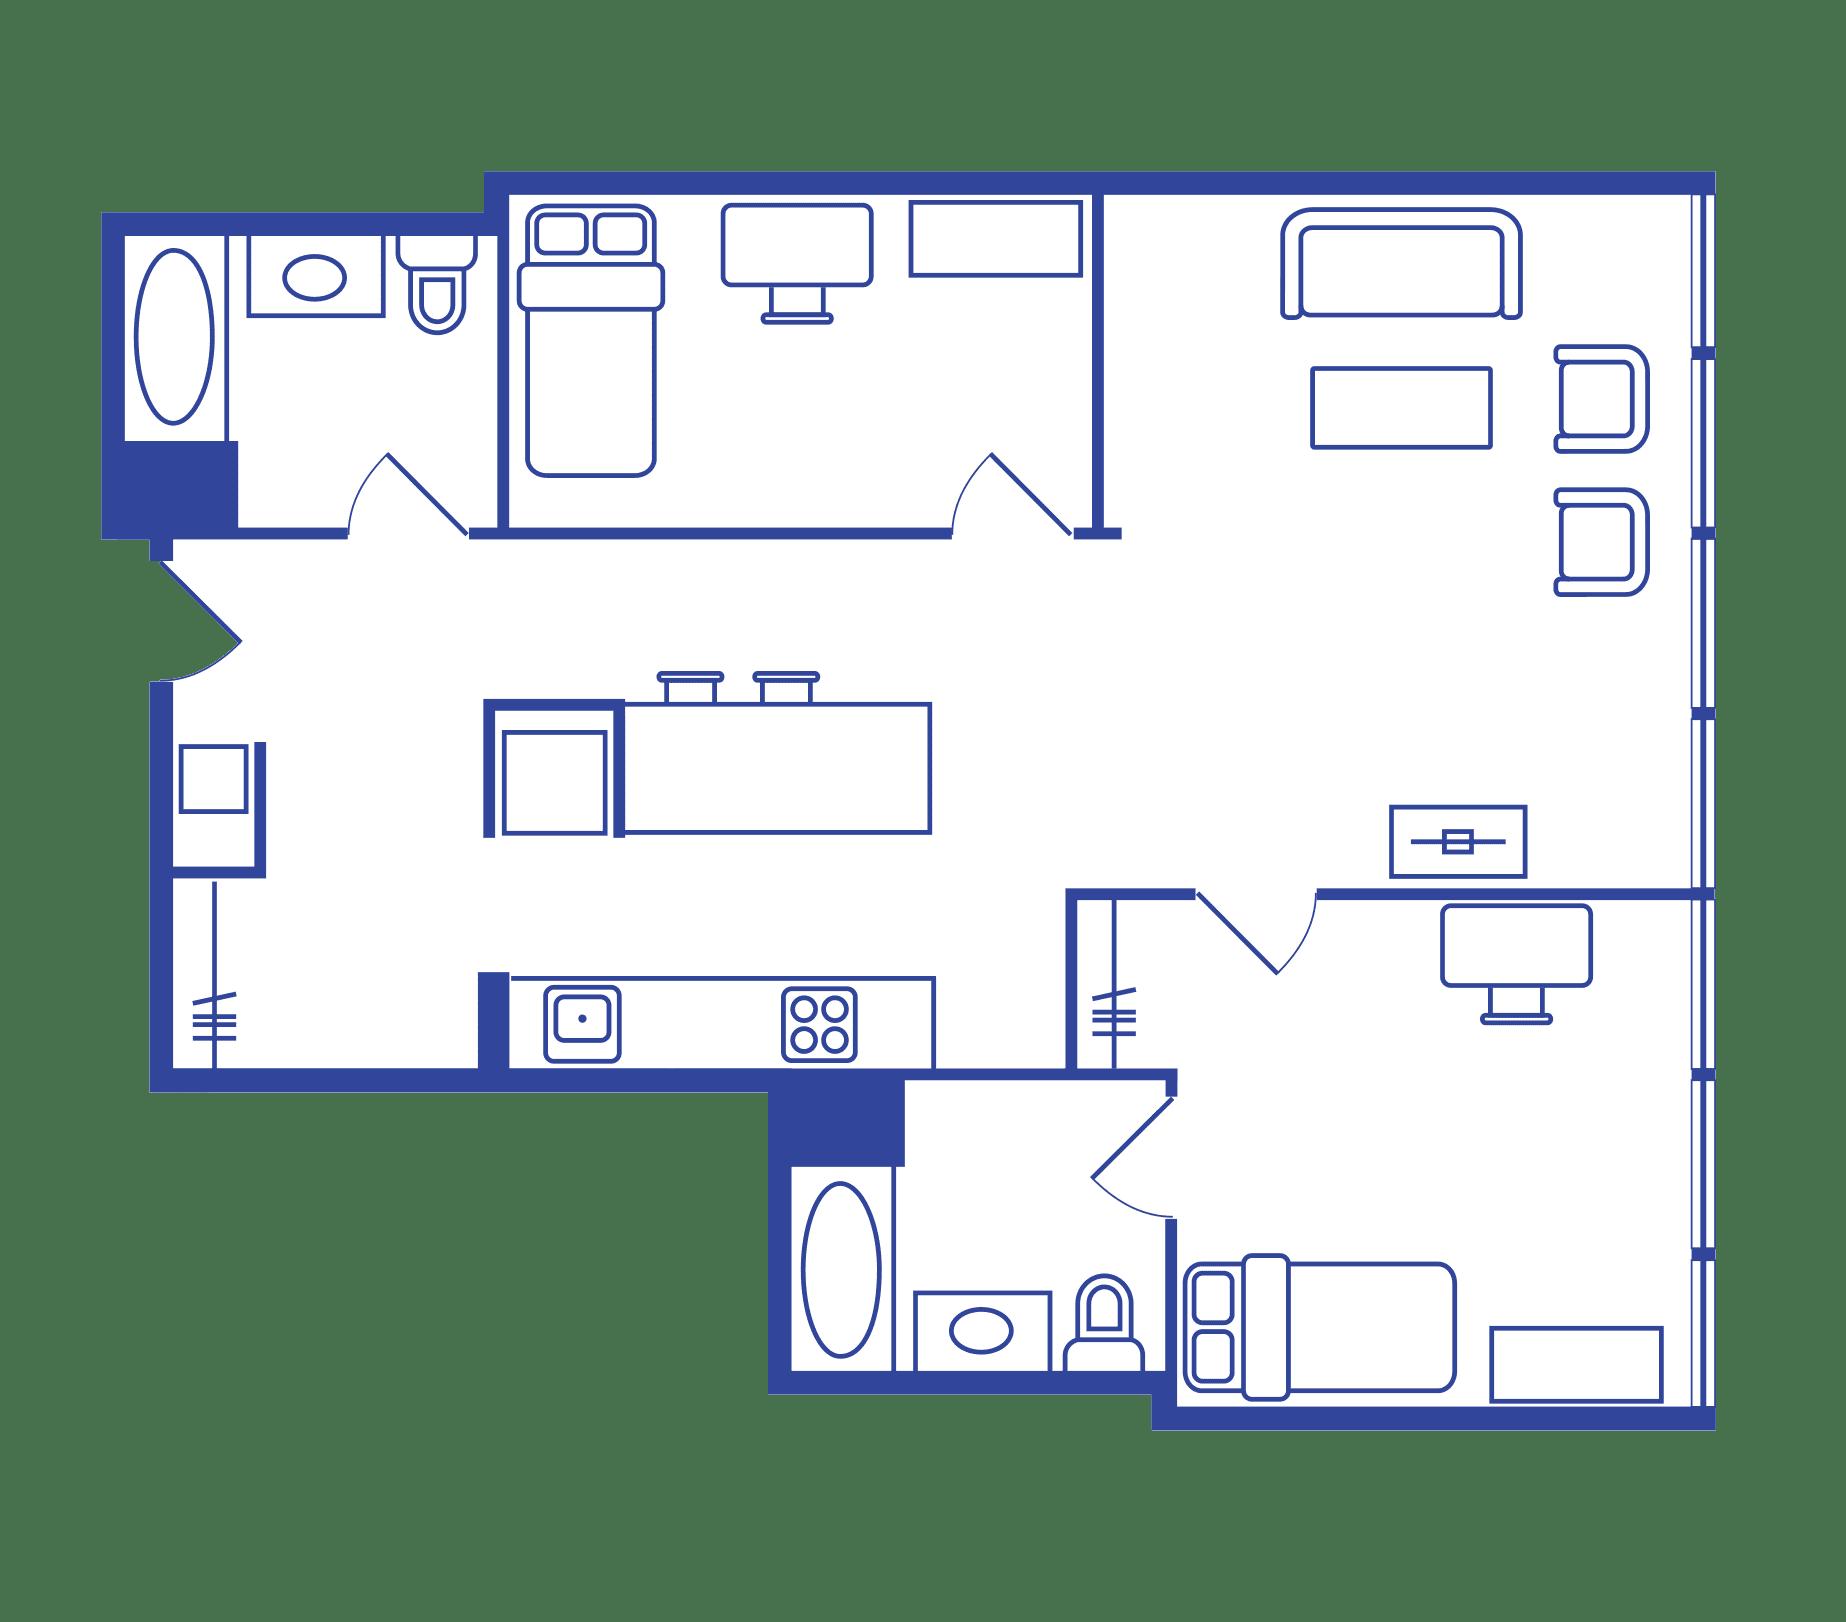 2 Bedroom Floorplan 2